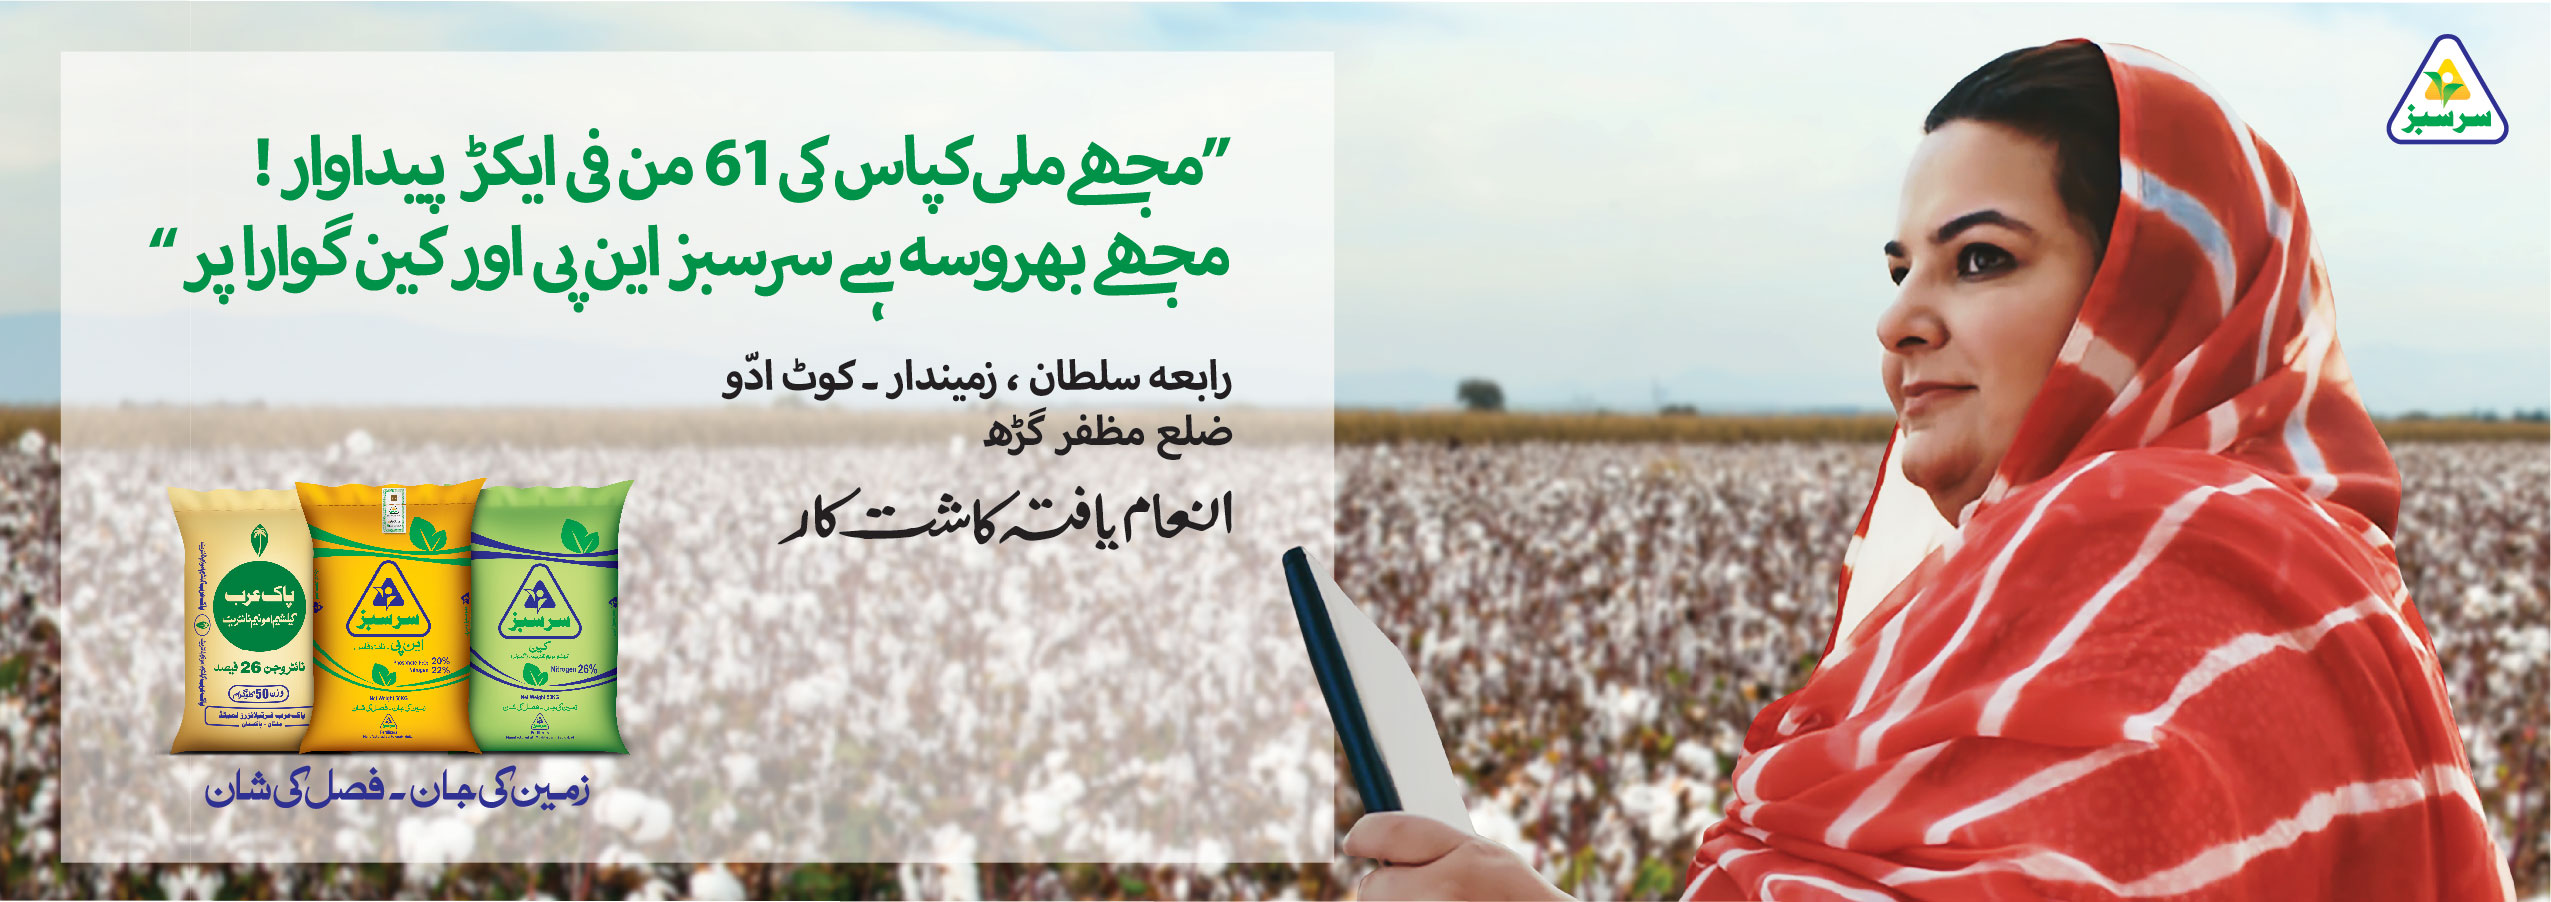 2019_pk_2019_e-199-252_hero_1